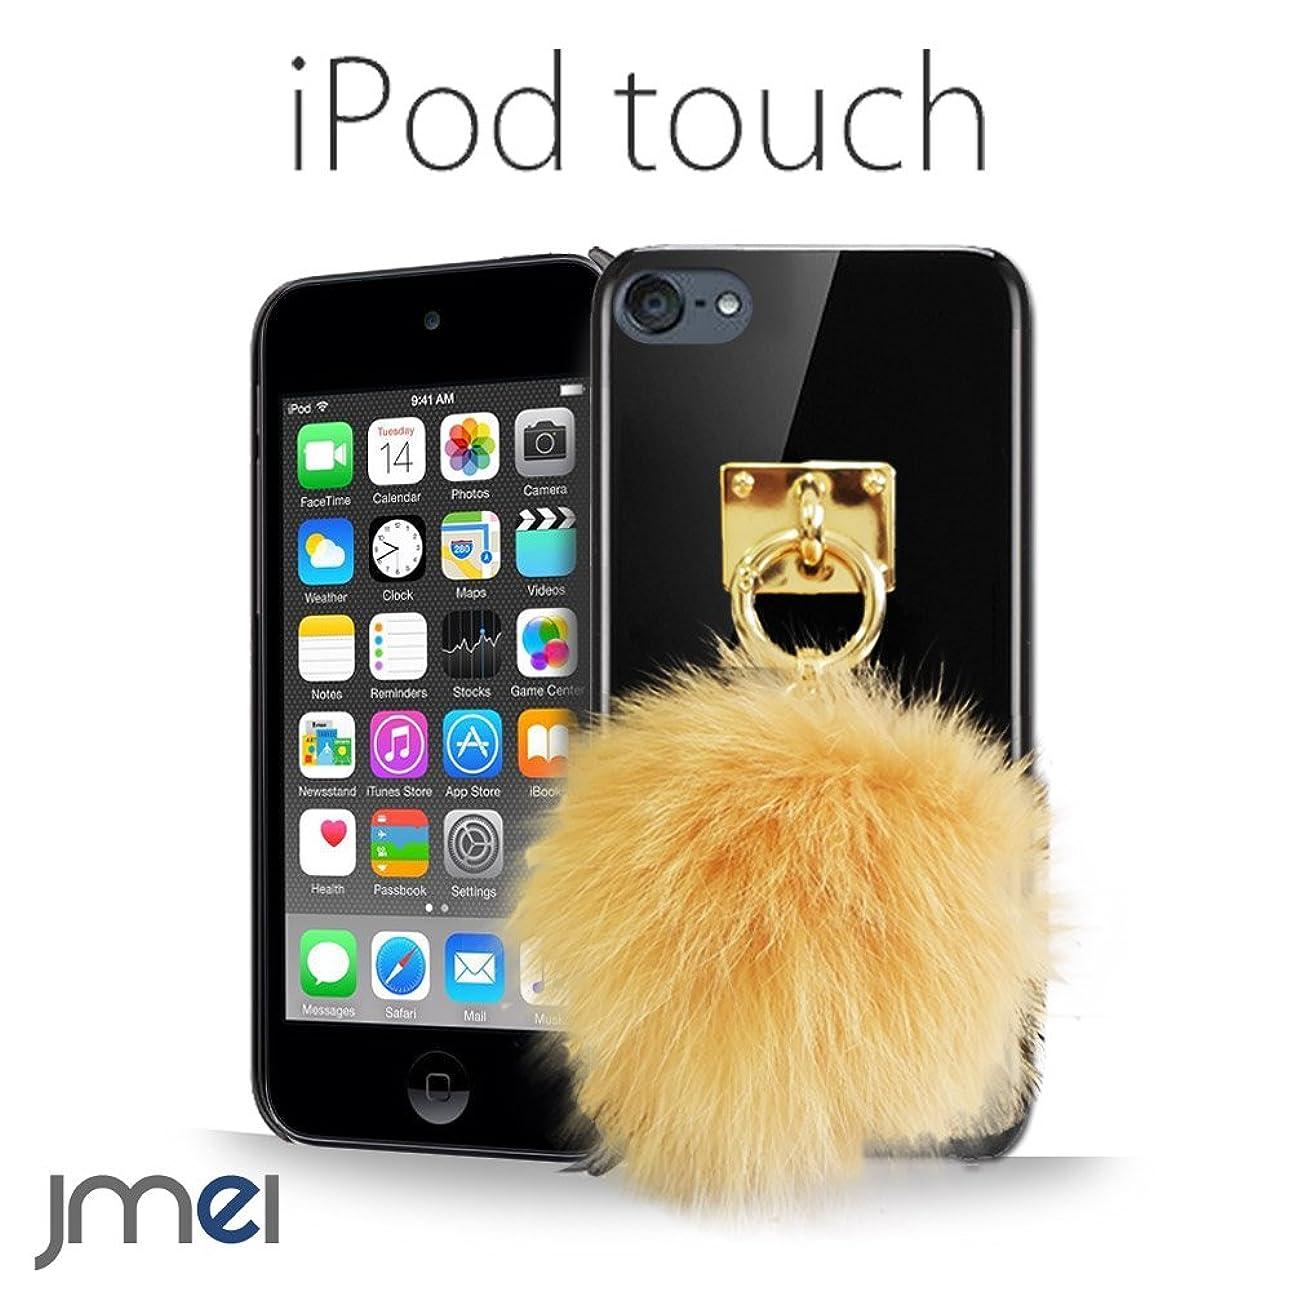 バブル孤児歯車iPod touch 6 5 ケース JMEIオリジナルファーチャームケース TYPHOEUS キャメル アイポッド タッチ 第6世代 第5世代 スマホ カバー スマホケース 全機種対応 スマートフォン